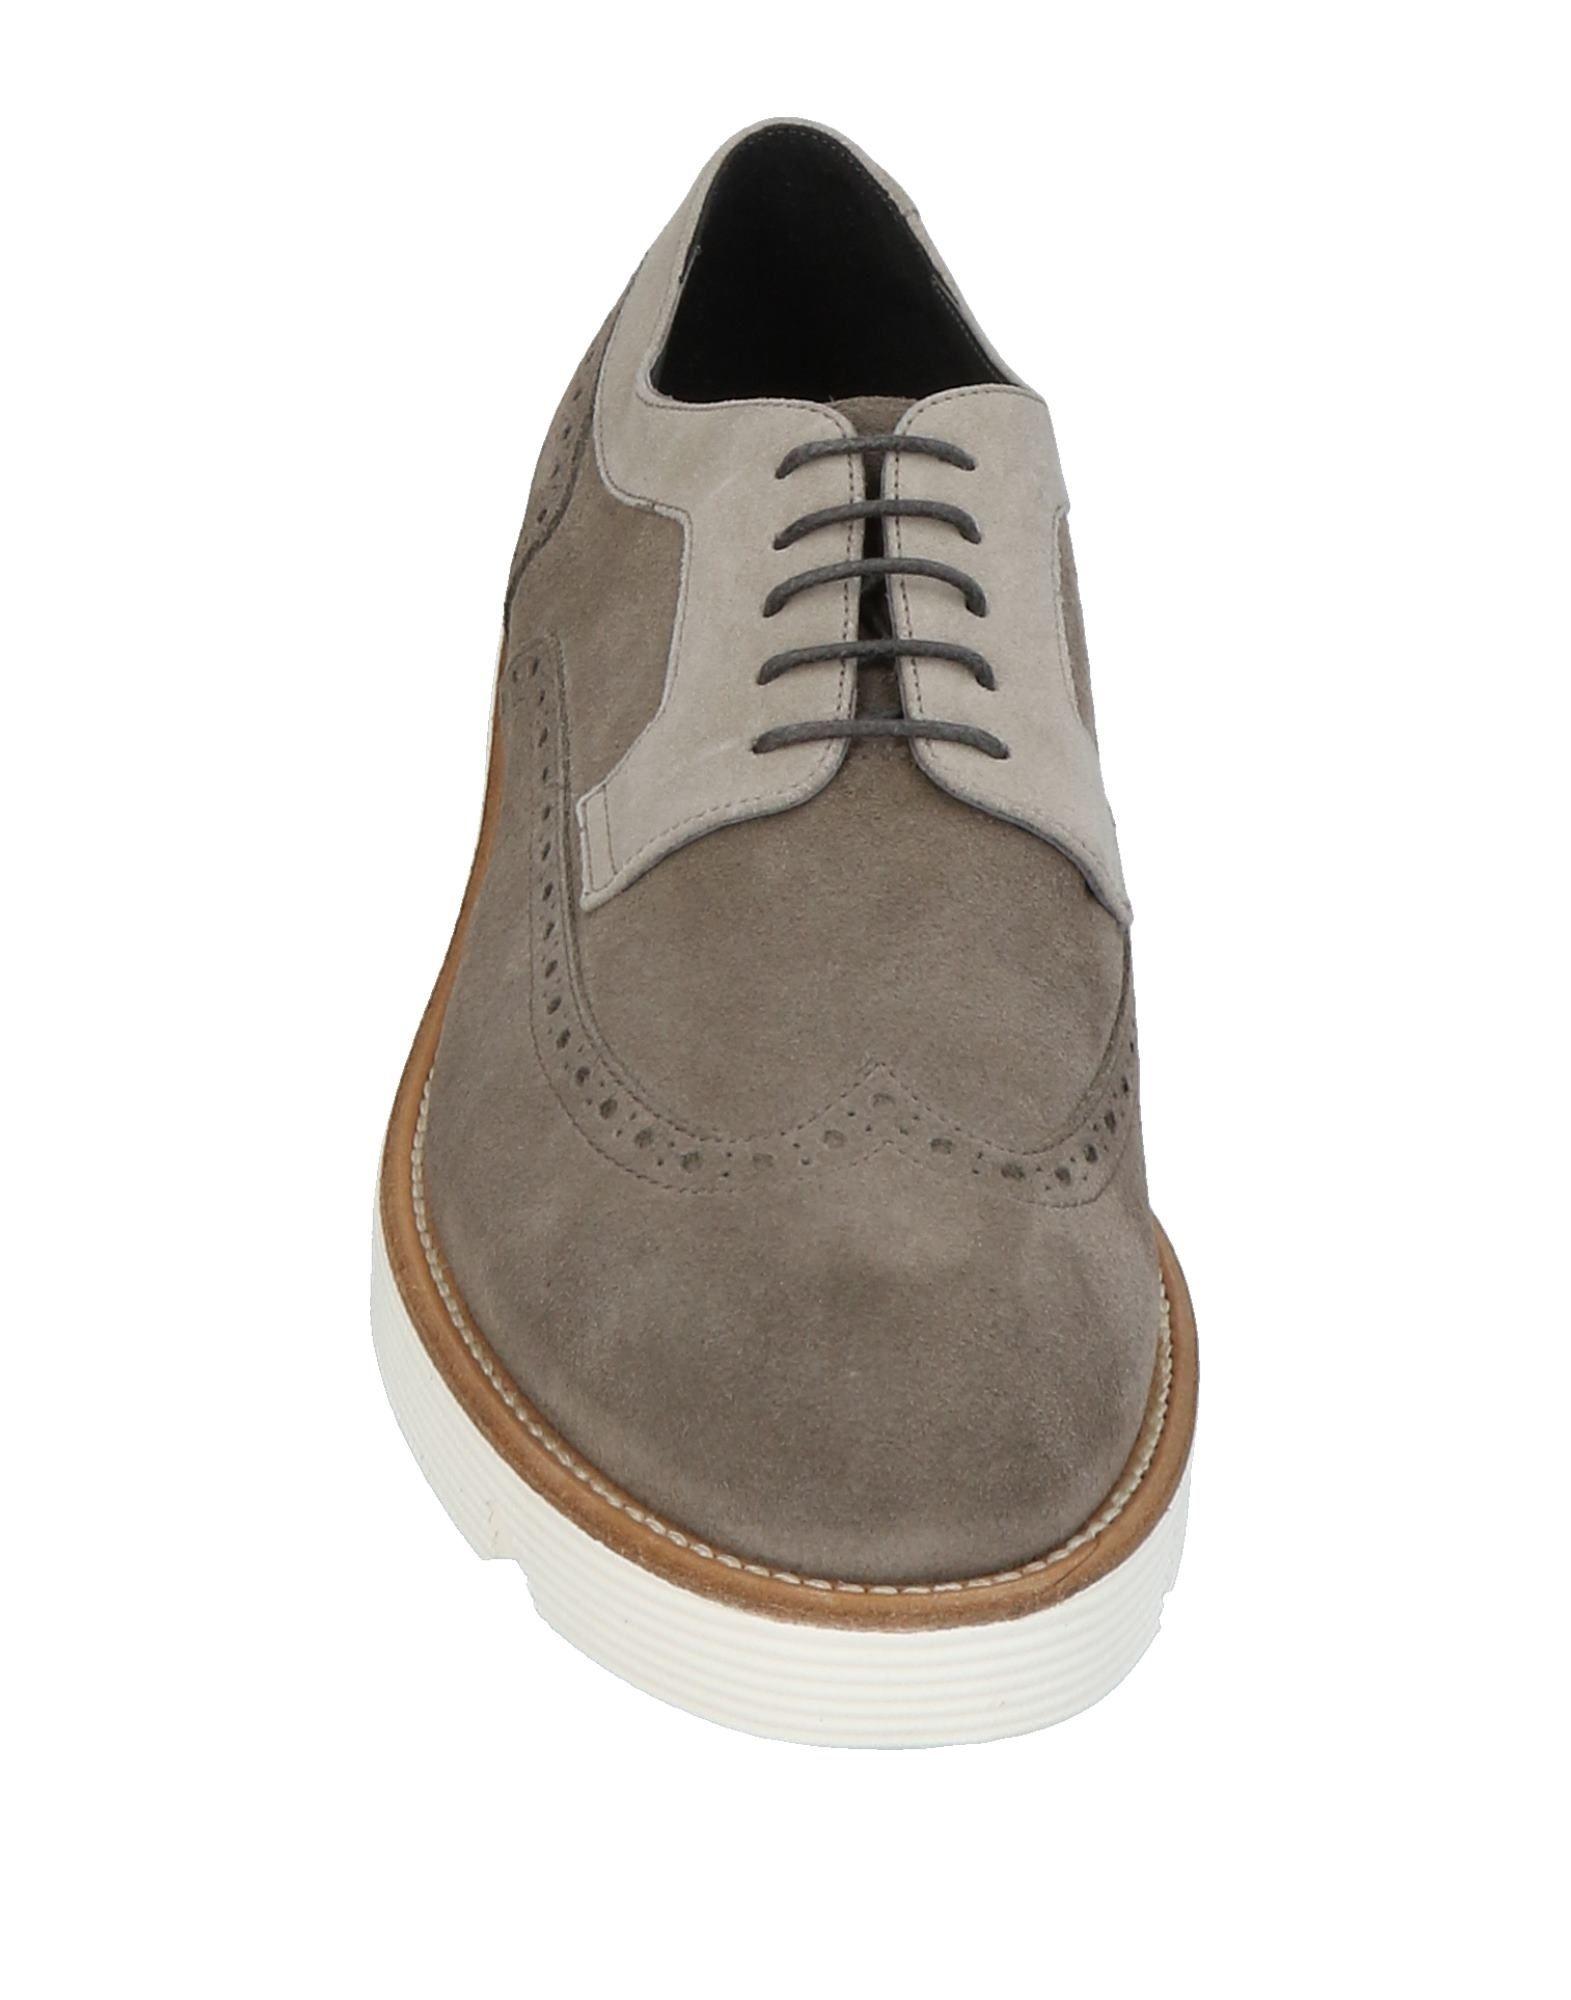 Rabatt Guardiani echte Schuhe Alberto Guardiani Rabatt Schnürschuhe Herren  11428322LV 8e3d1b